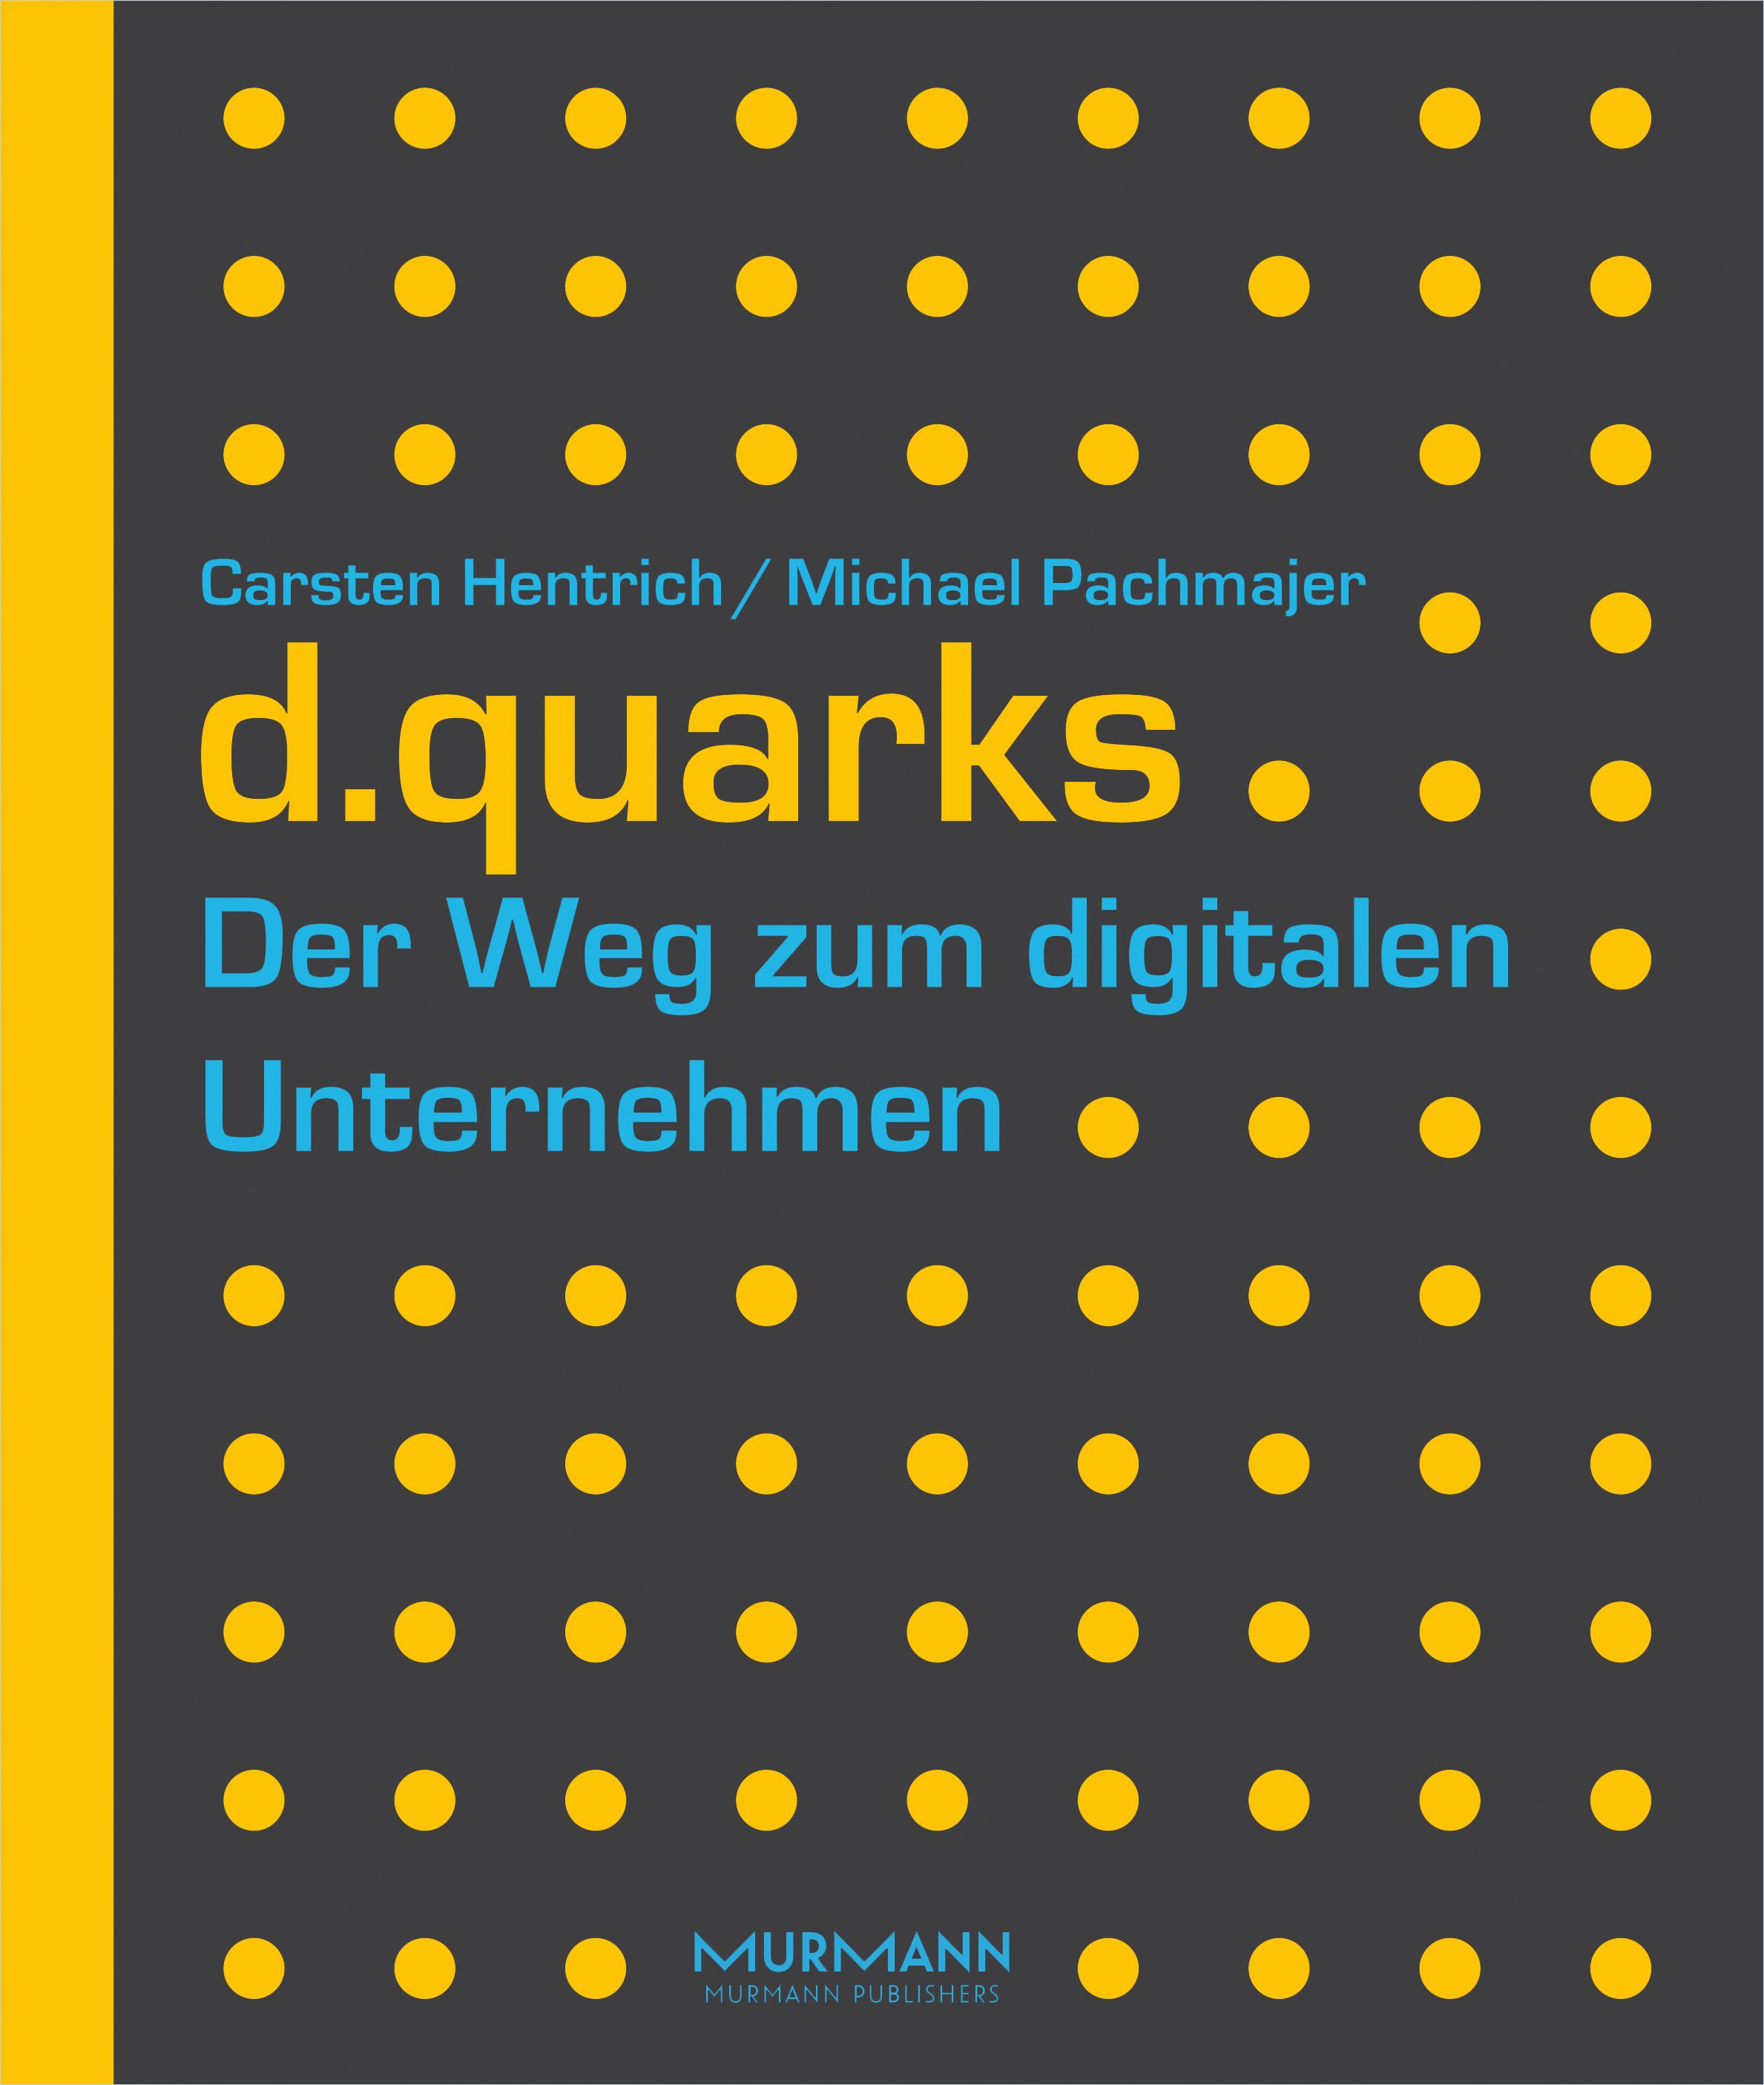 Image of: d.quarks